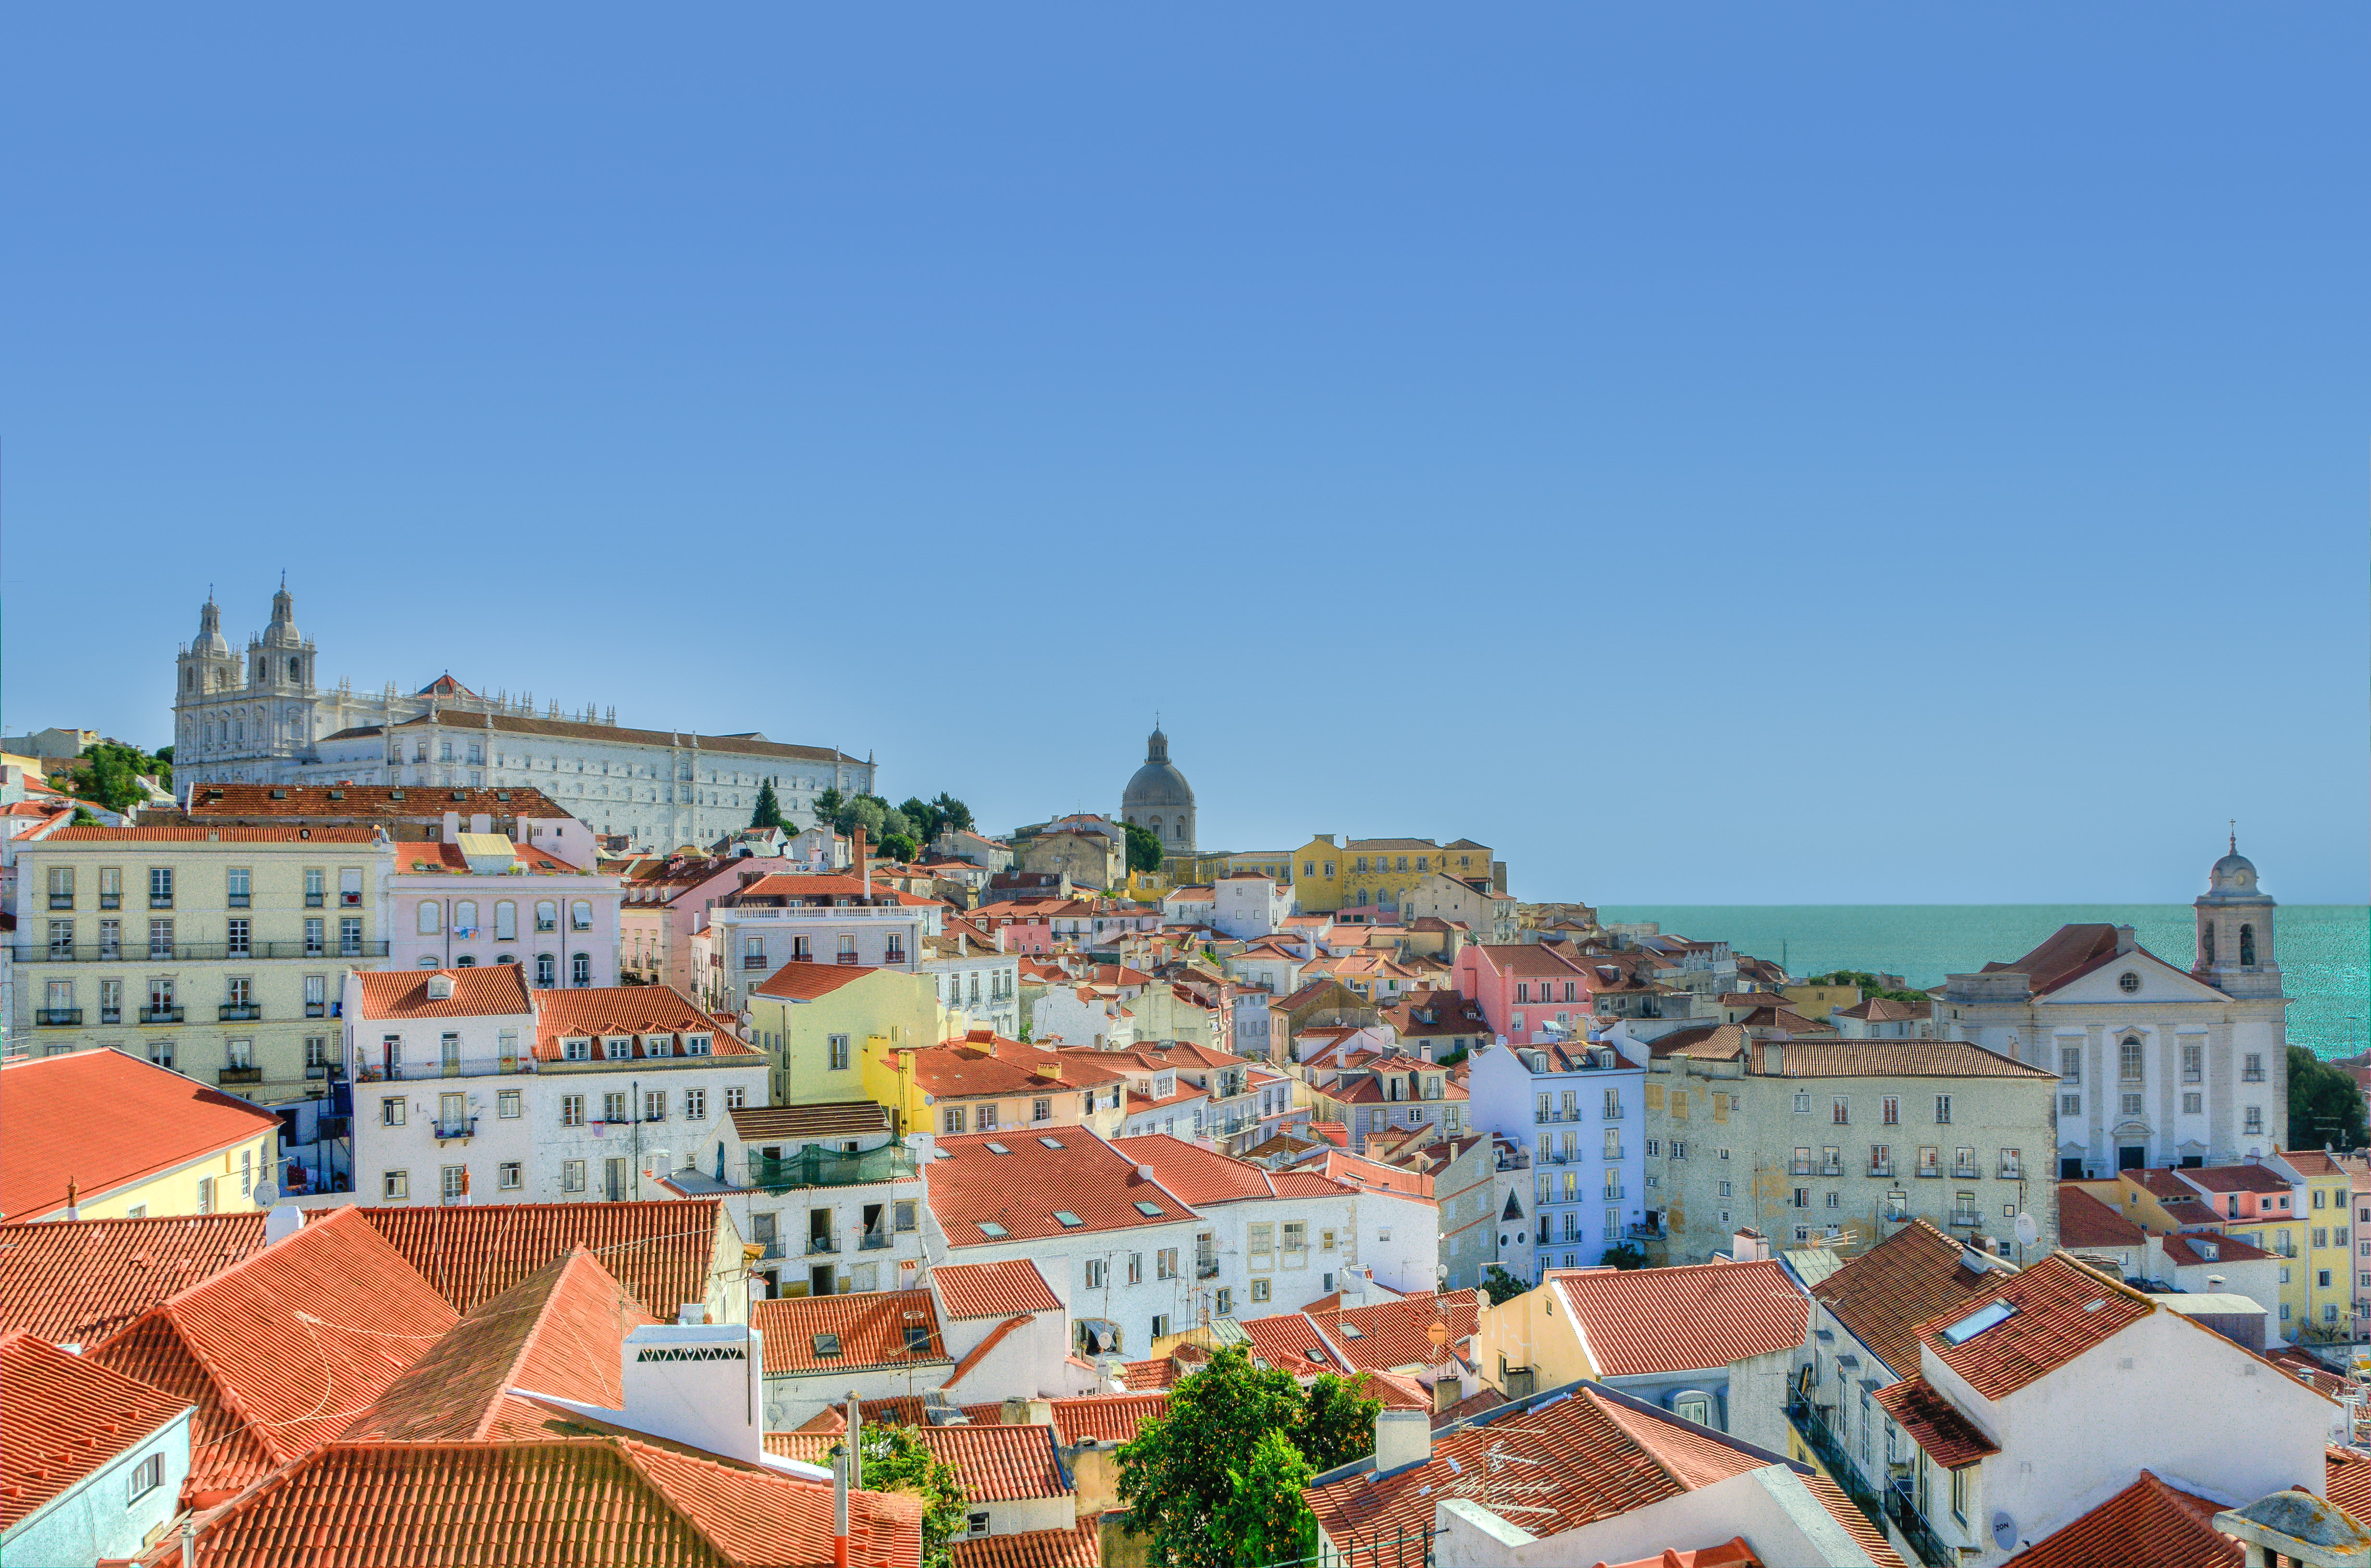 Investimento Imobiliário: Por que Portugal e por que agora?